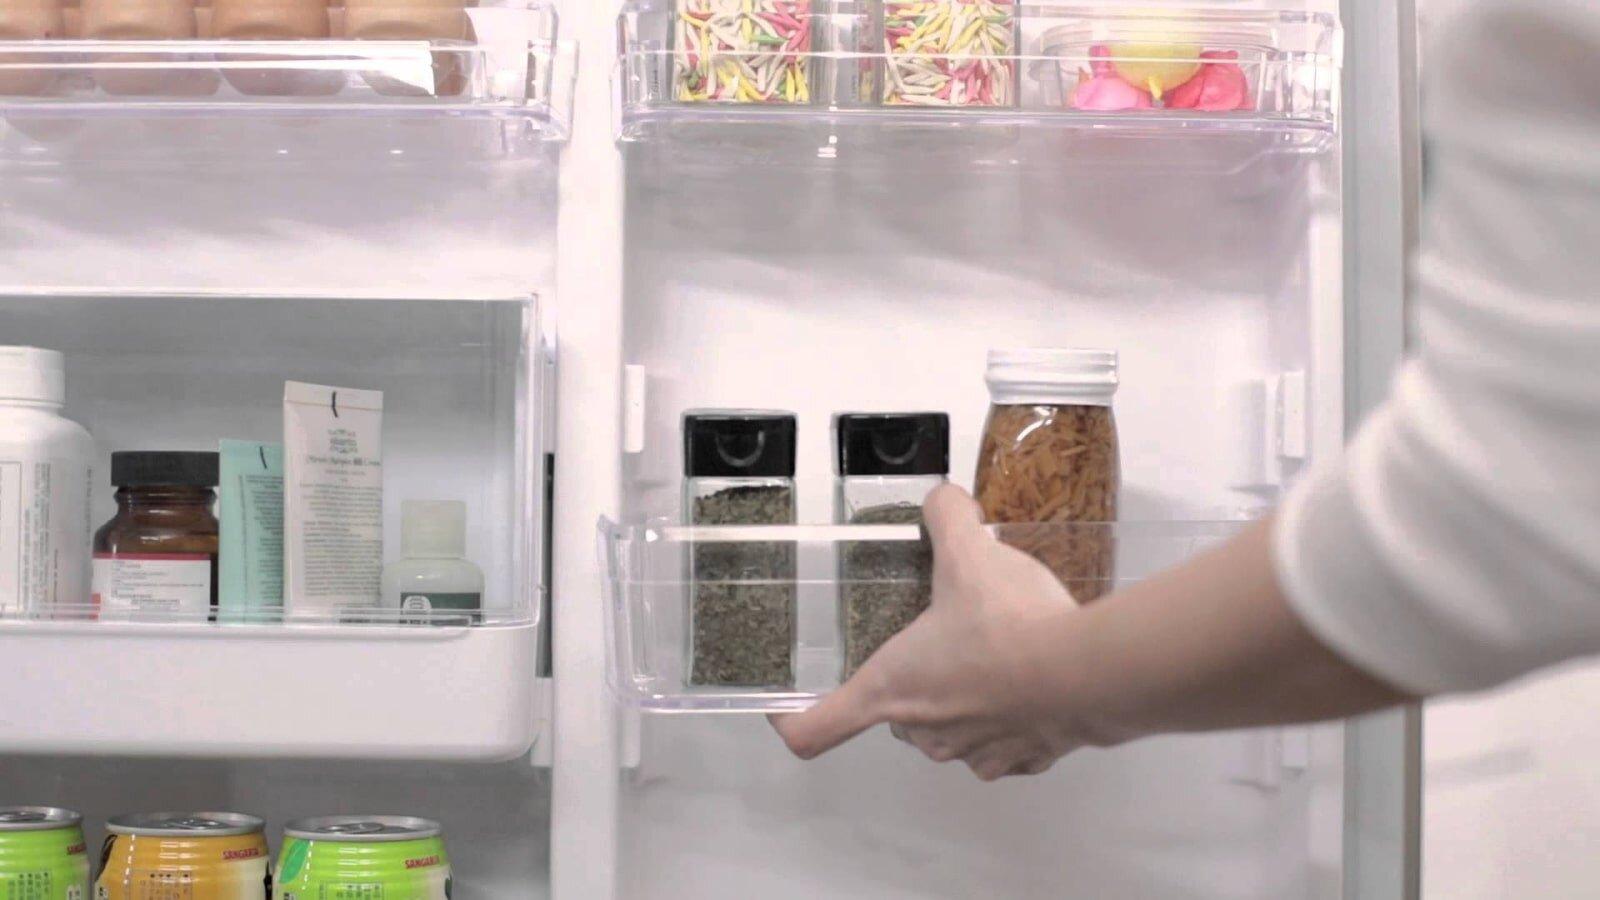 Vệ sinh tủ lạnh Hitachi đúng cách sẽ kéo dài tuổi thọ sản phẩm lâu hơn